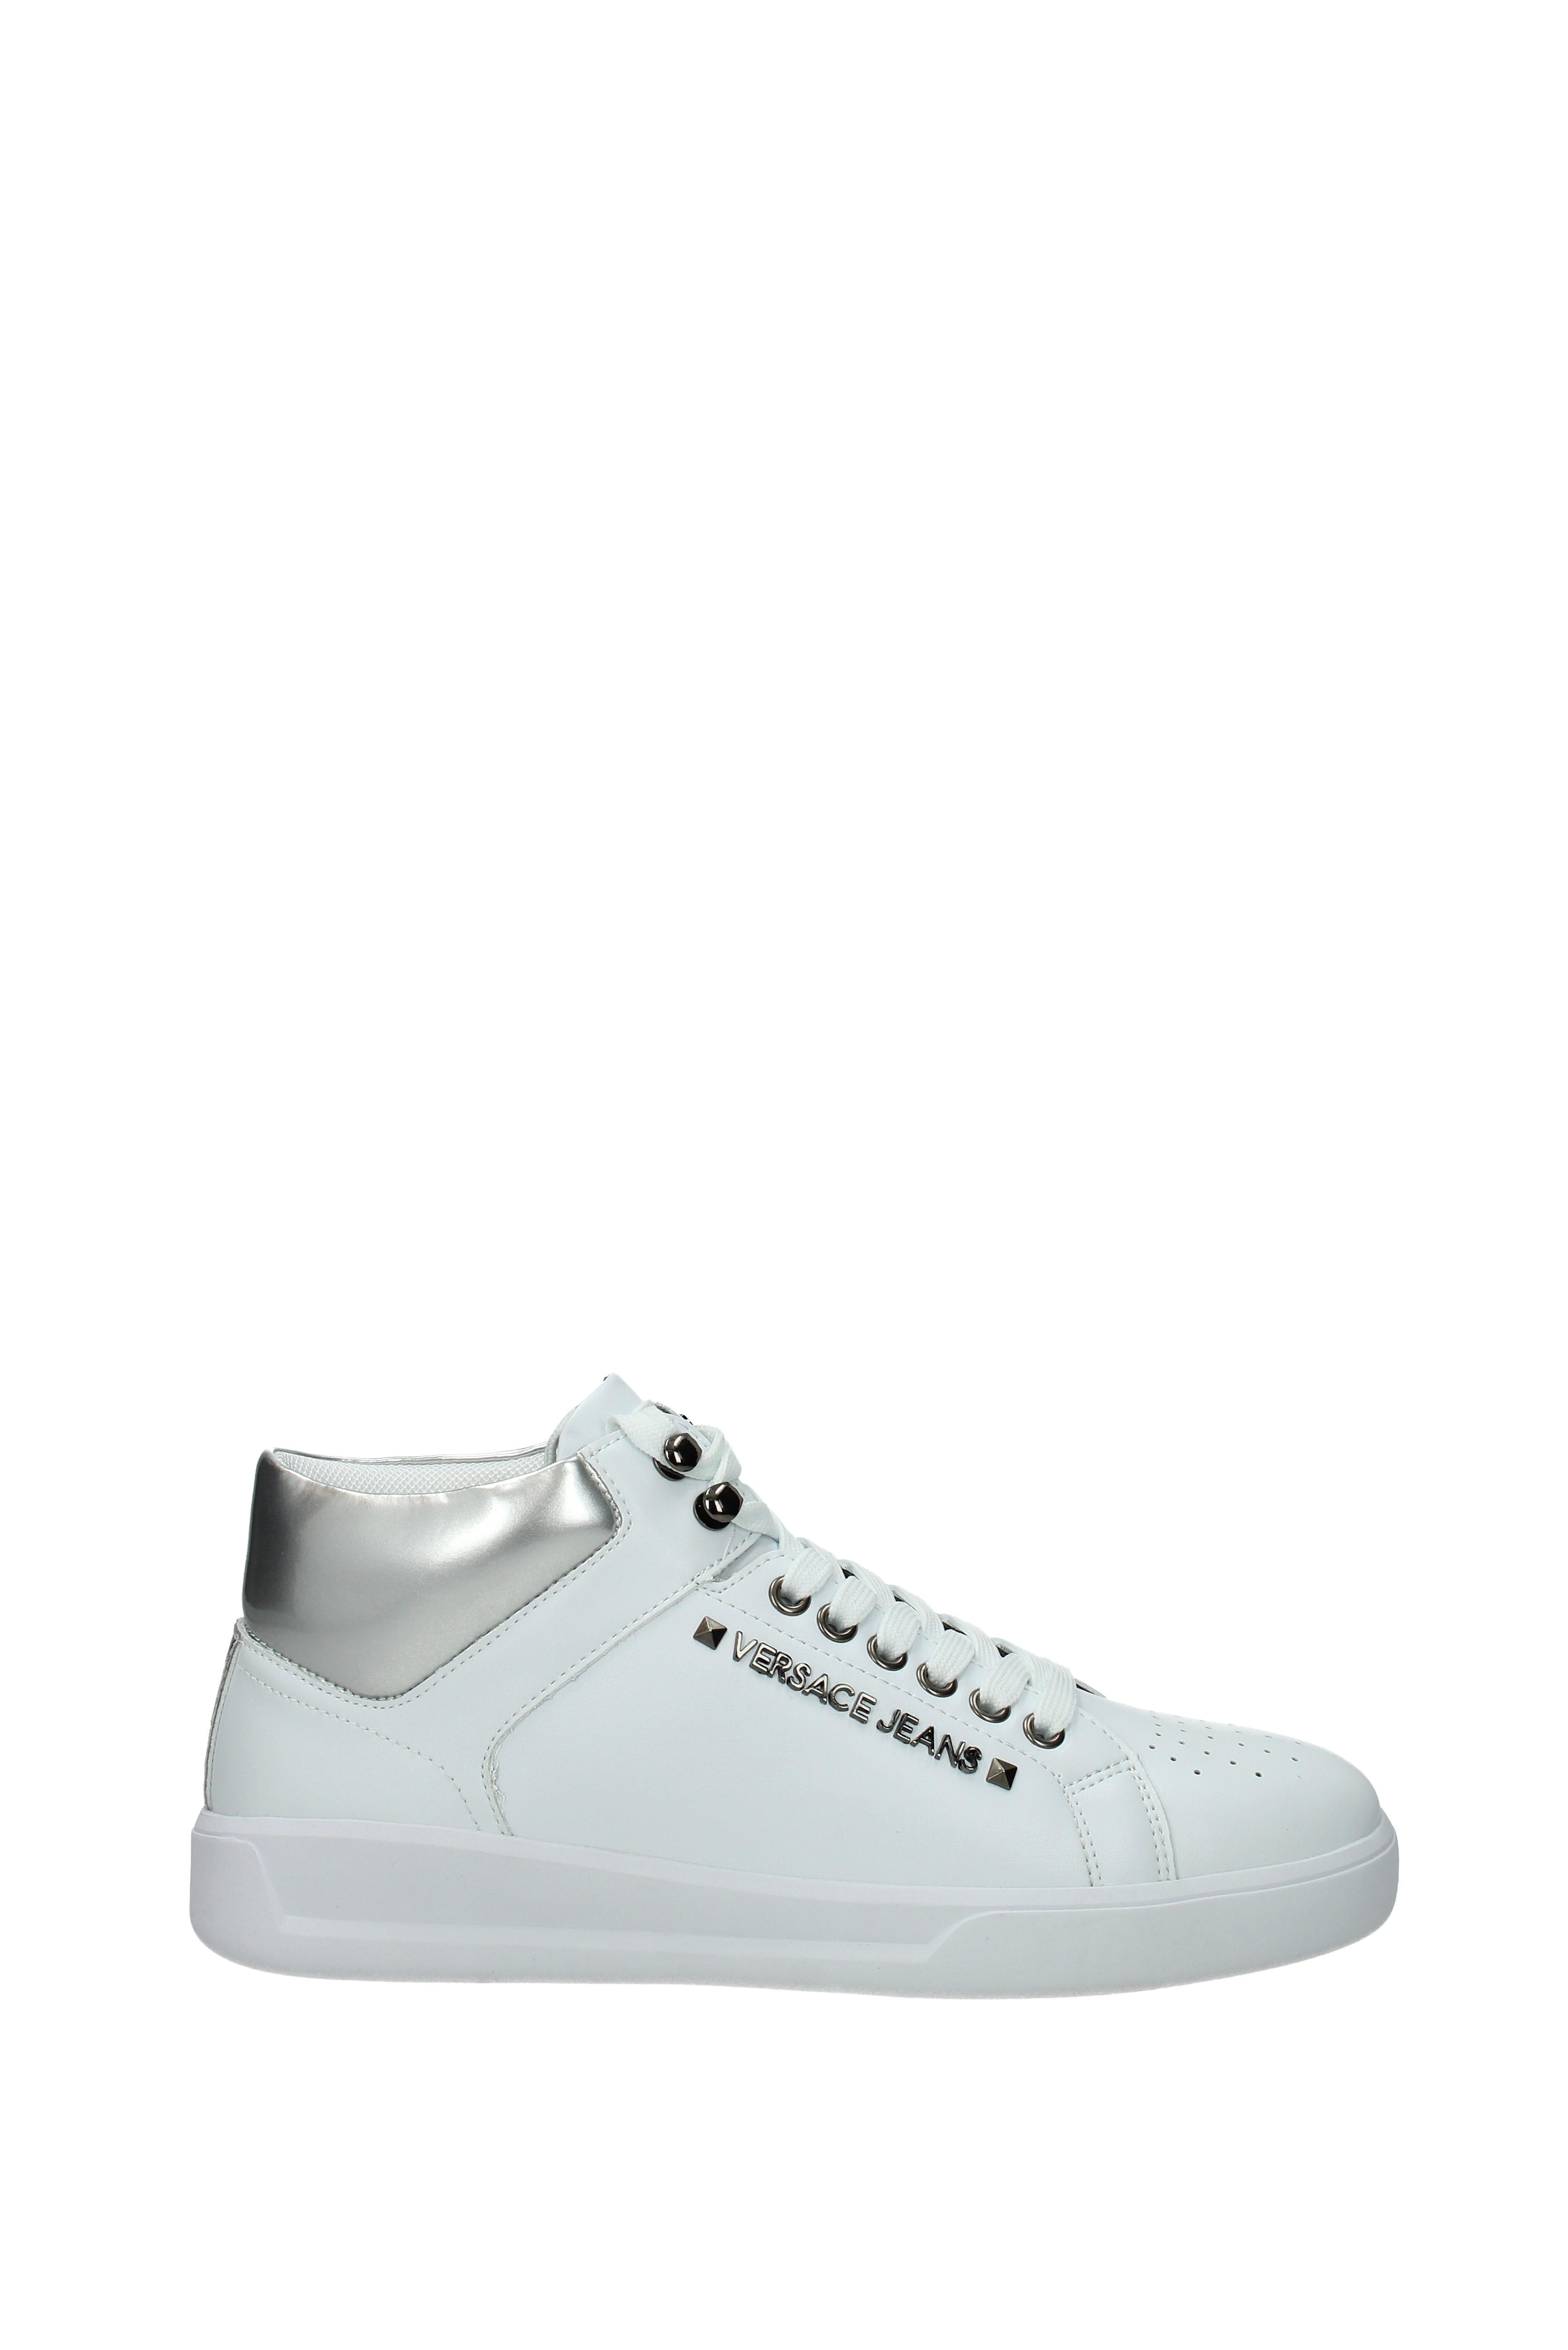 Sneakers Versace Herren Jeans Herren Versace - Leder (E0YRBSE370005) 03712f